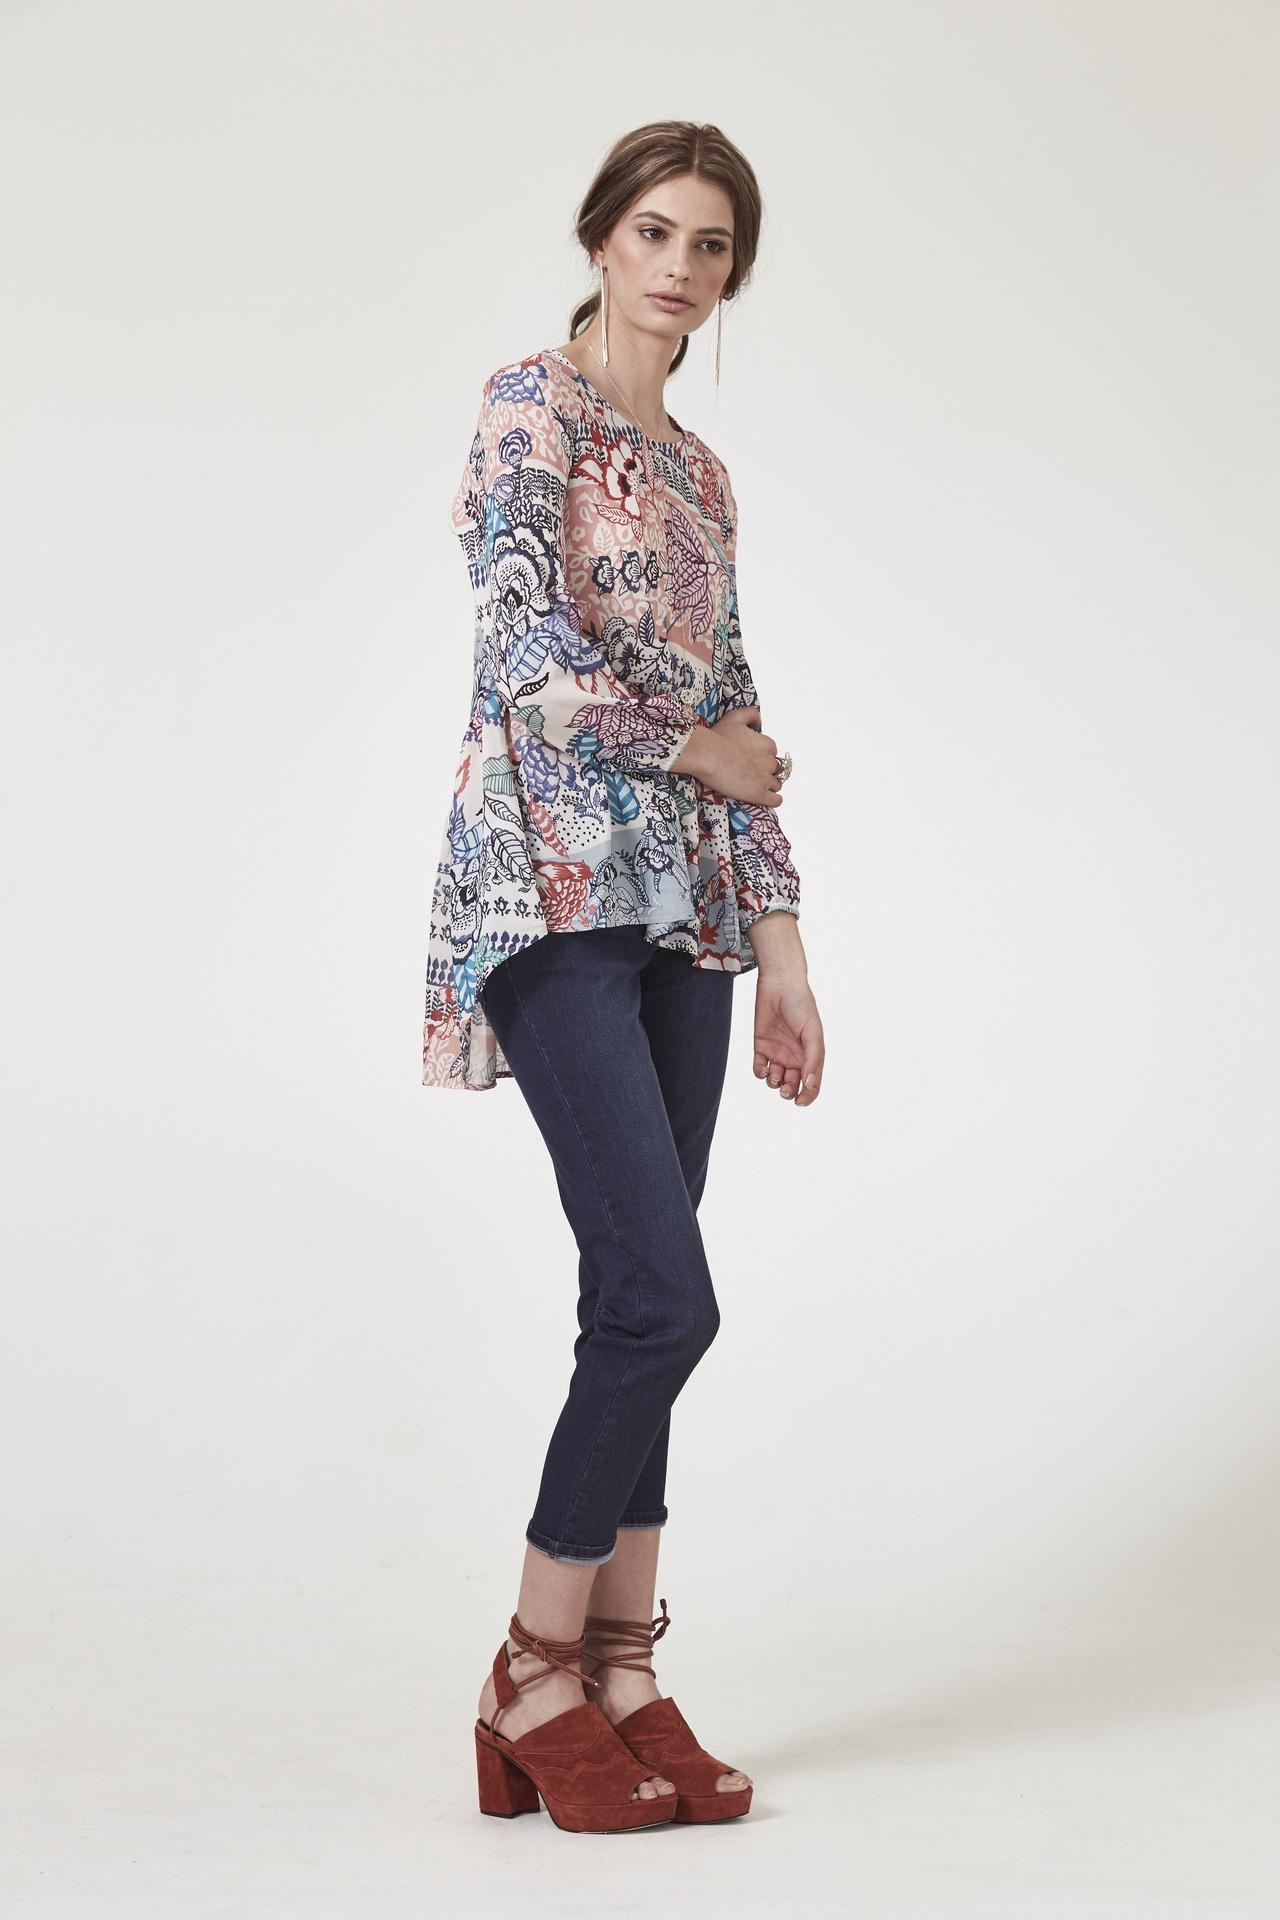 ls1277 Luxe Batik Blouse